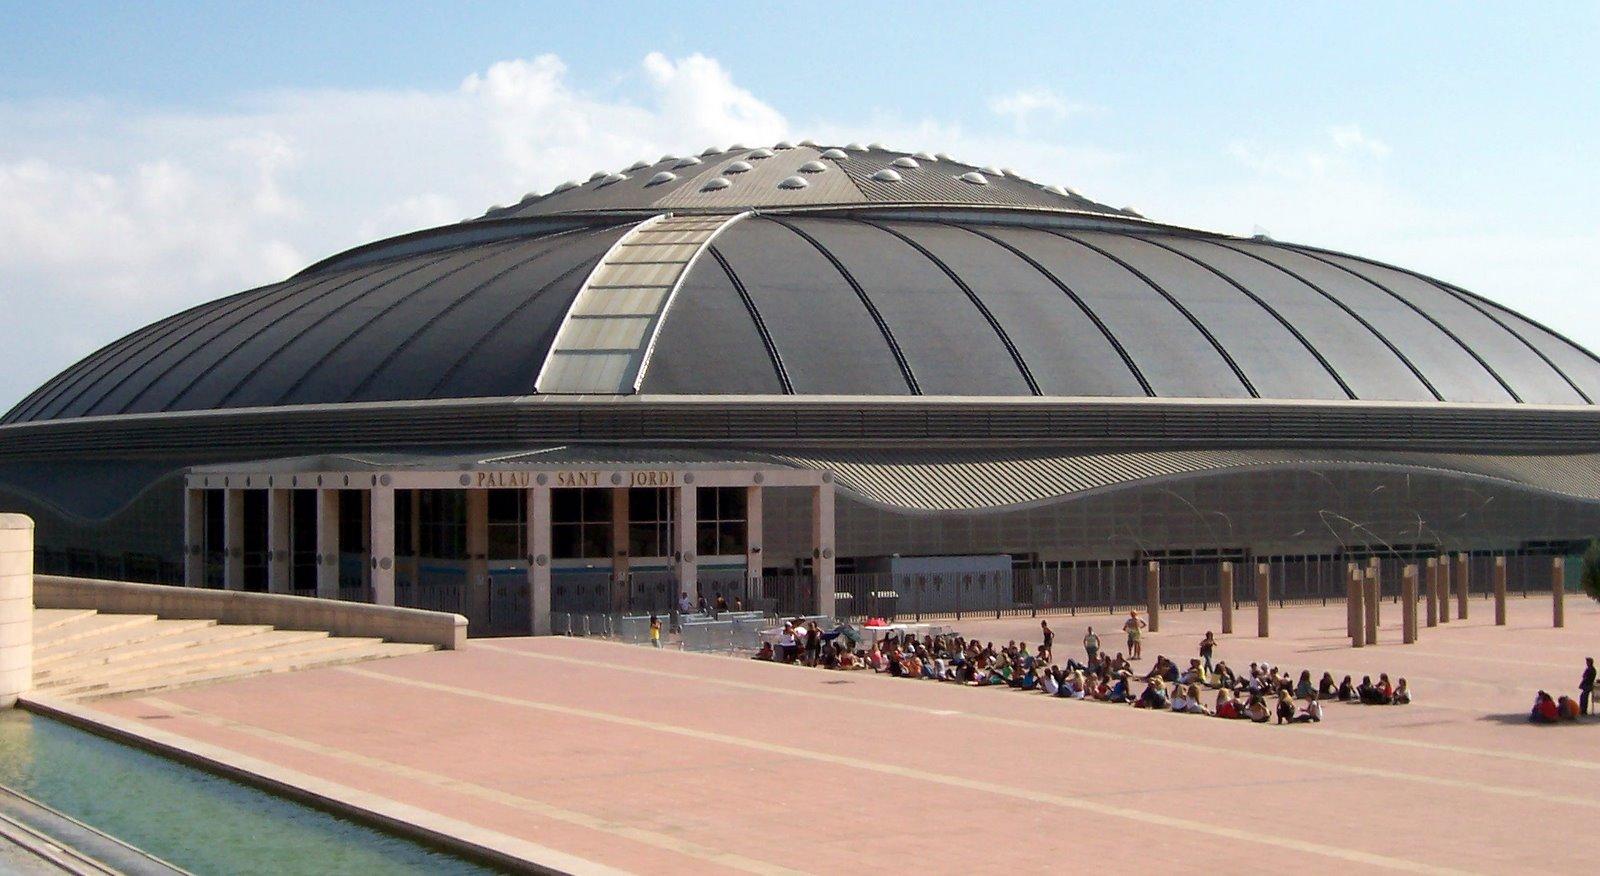 Palau sant jordi a piscina tempor ria do mundial de for Piscinas sant jordi barcelona